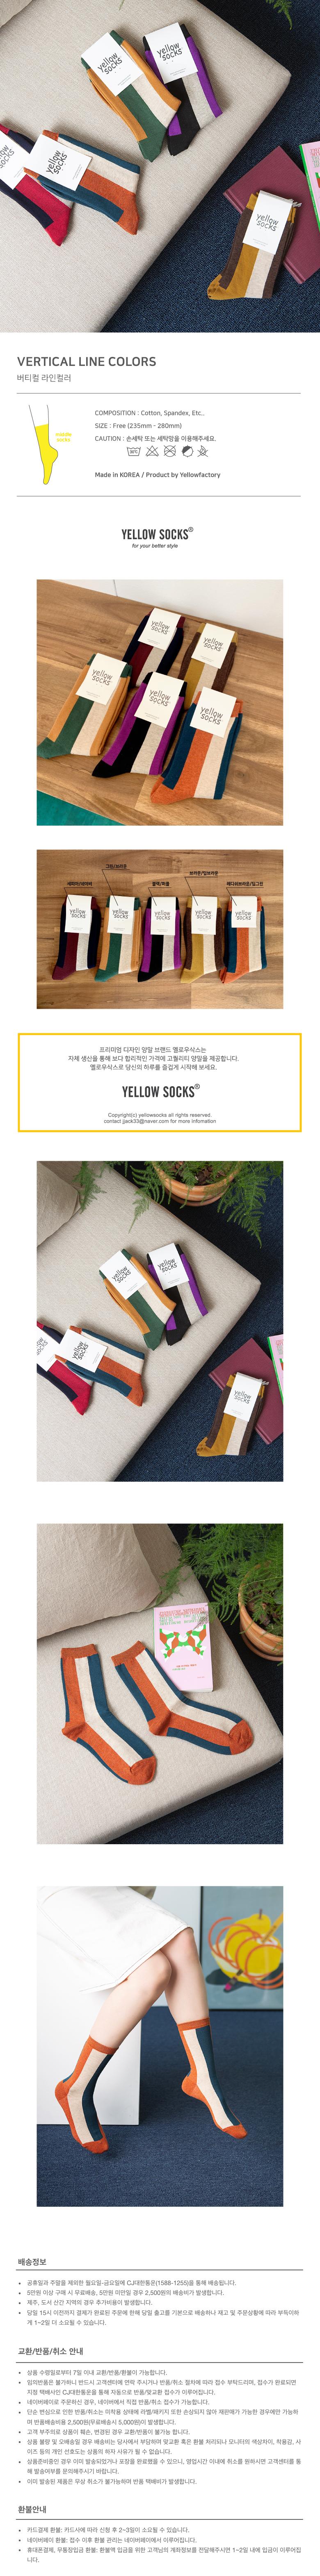 버티컬 라인배색 5colors - 옐로우삭스, 3,500원, 여성양말, 패션양말